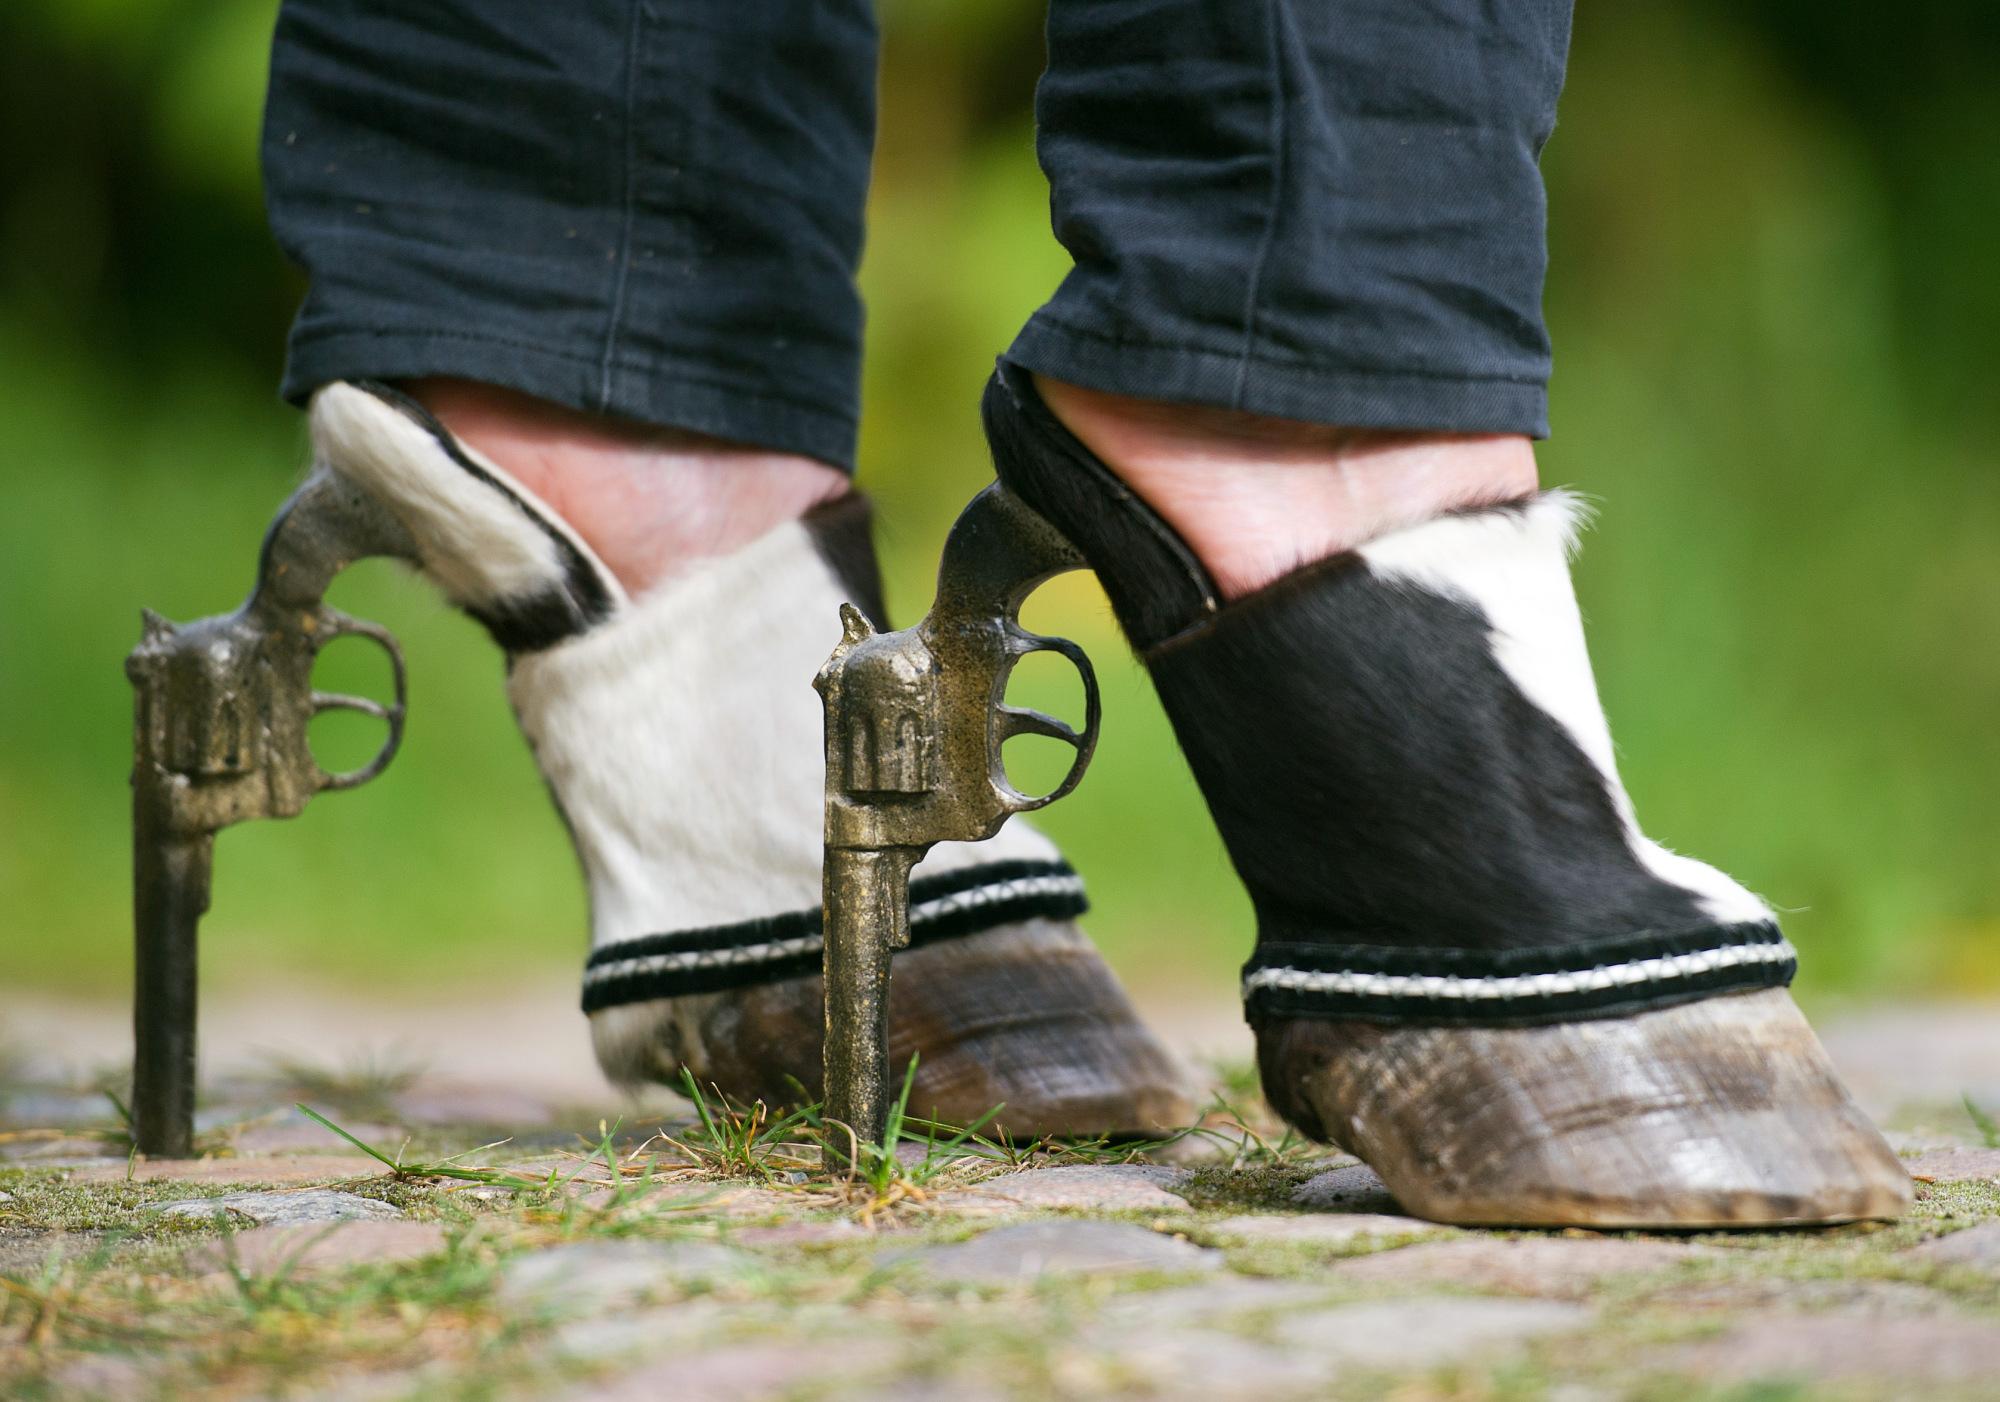 9. Hoof shoes